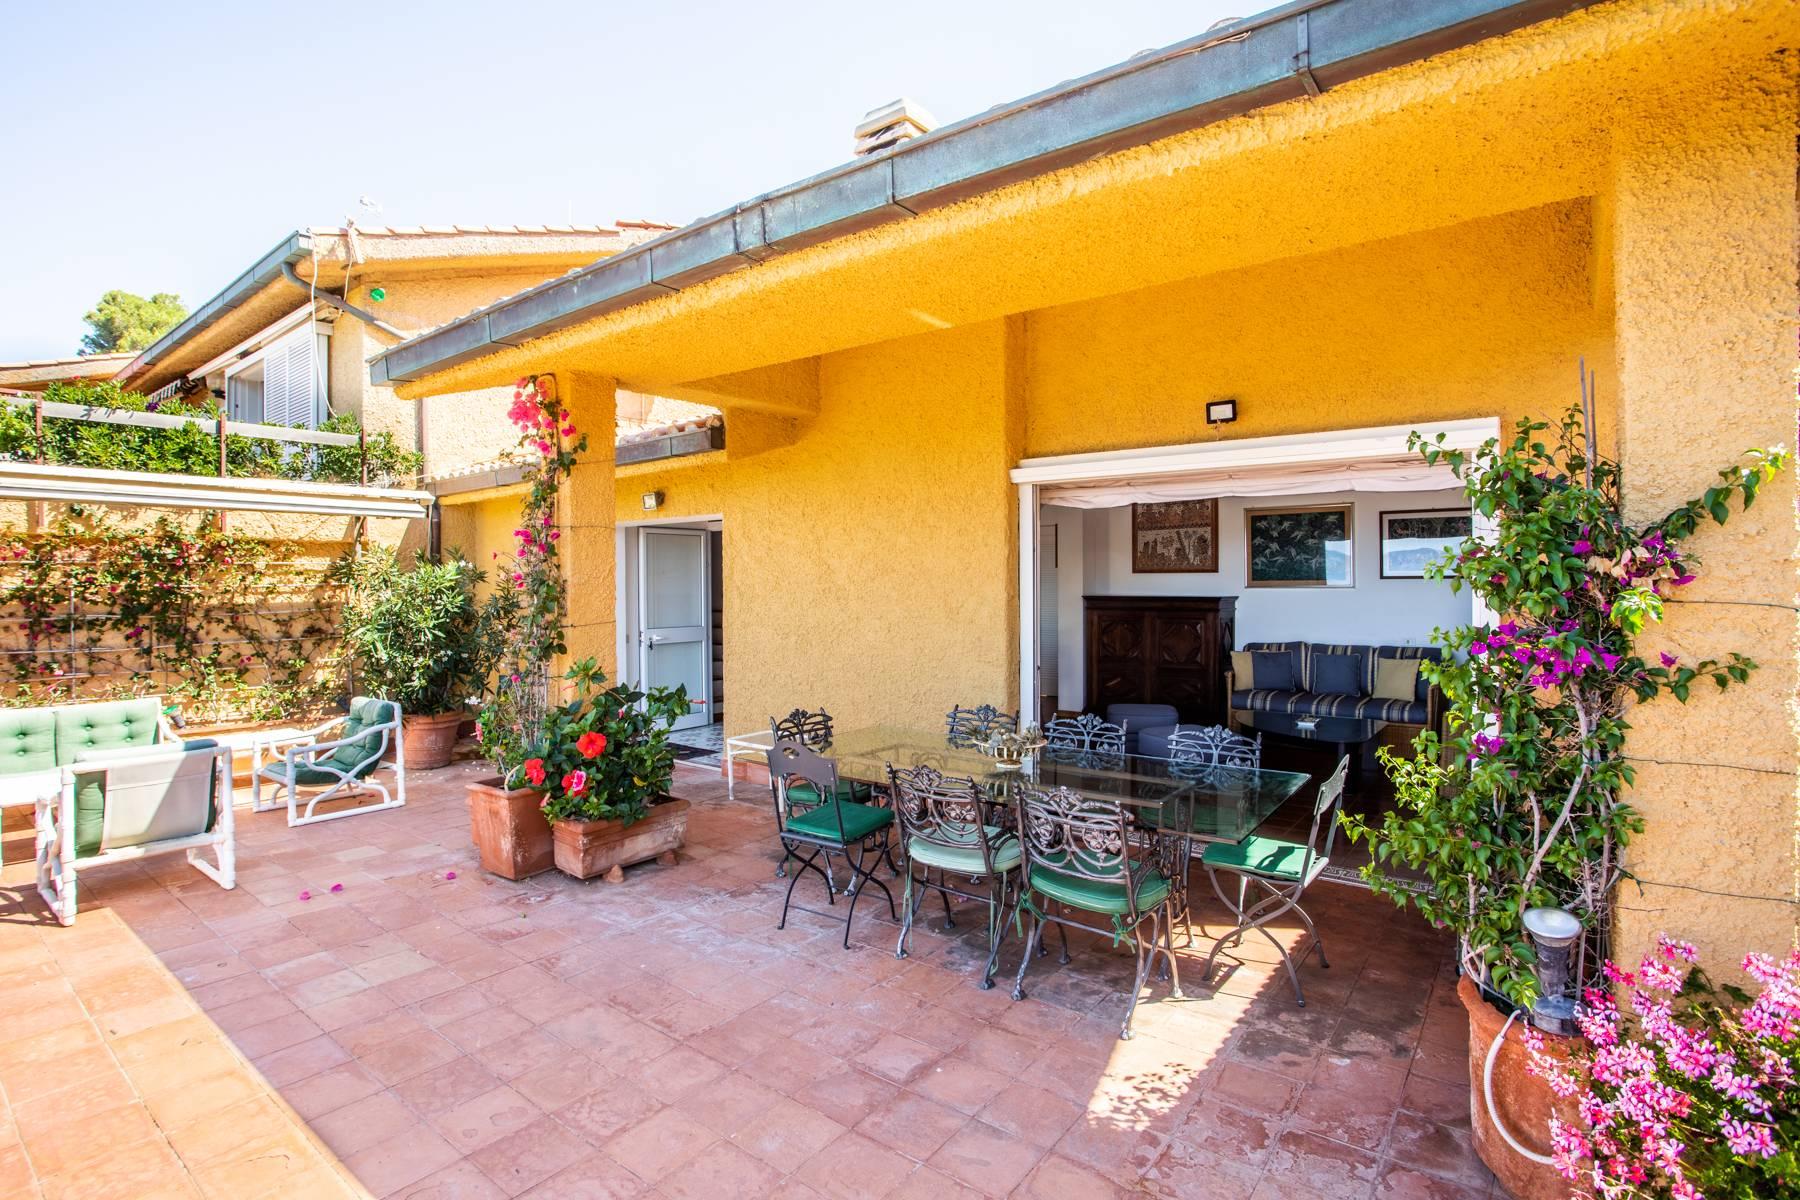 Casa indipendente in Vendita a Monte Argentario: 5 locali, 200 mq - Foto 5